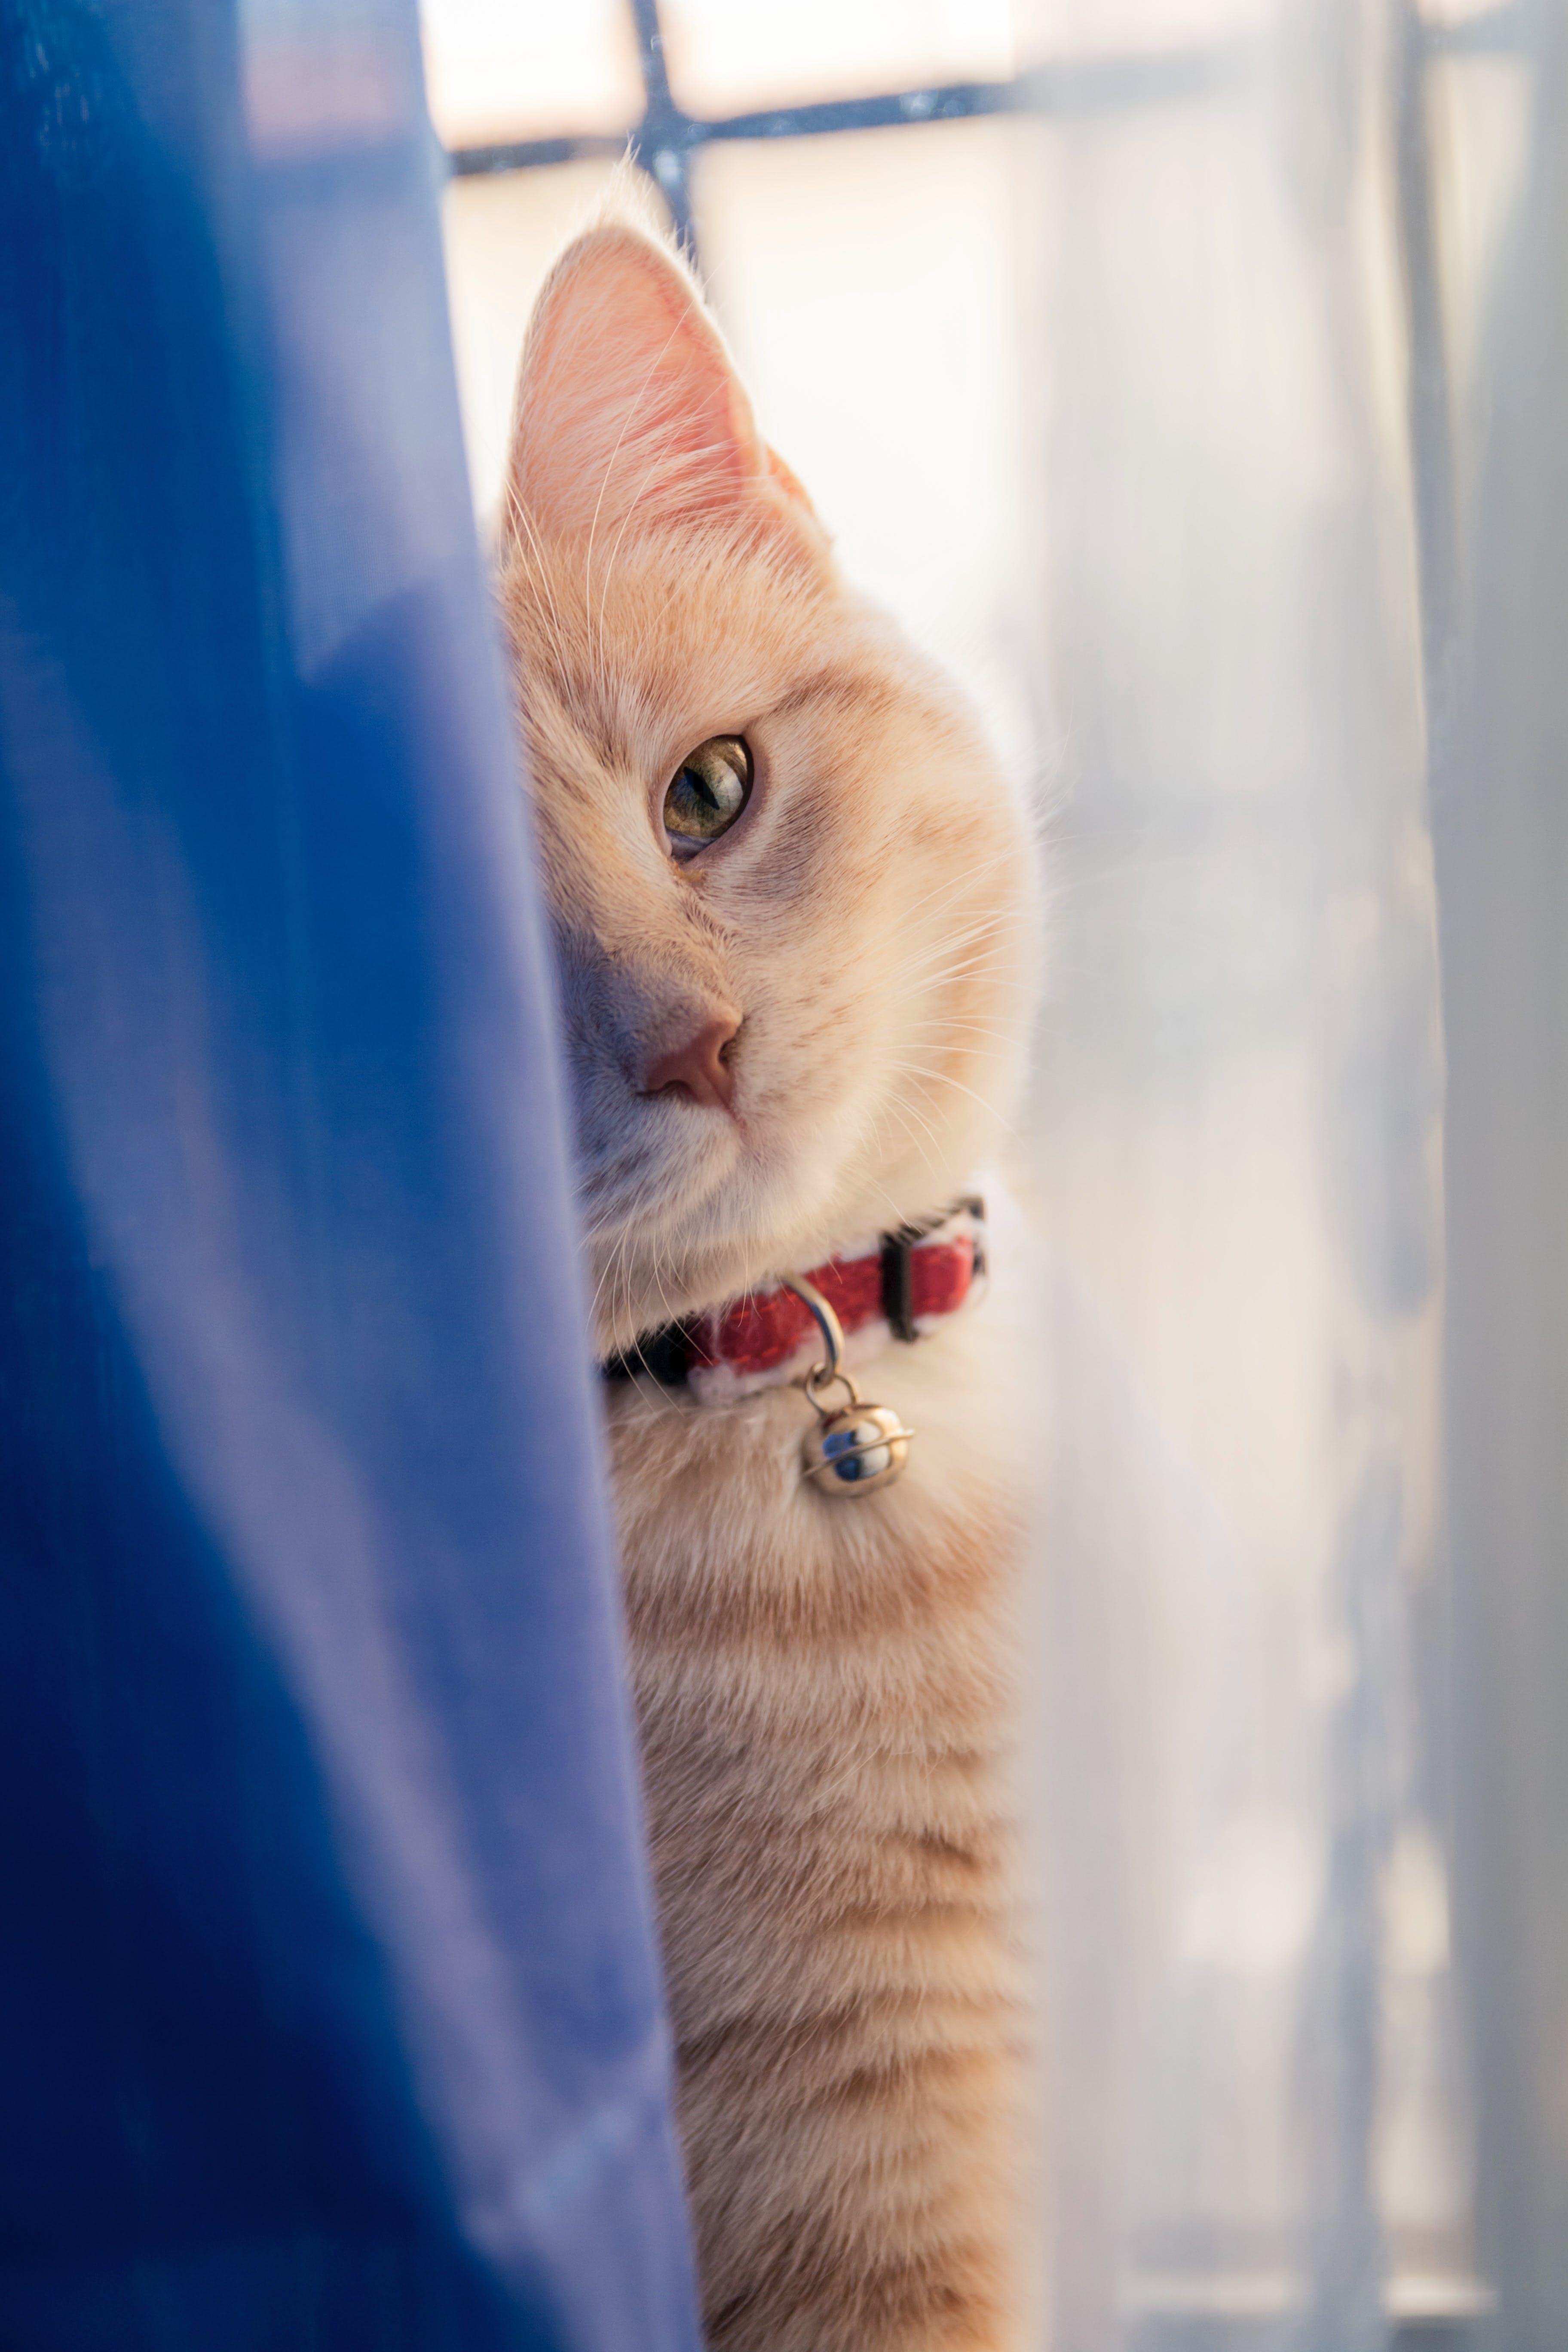 bakmak, çan, çok sevimli, ev kedisi içeren Ücretsiz stok fotoğraf